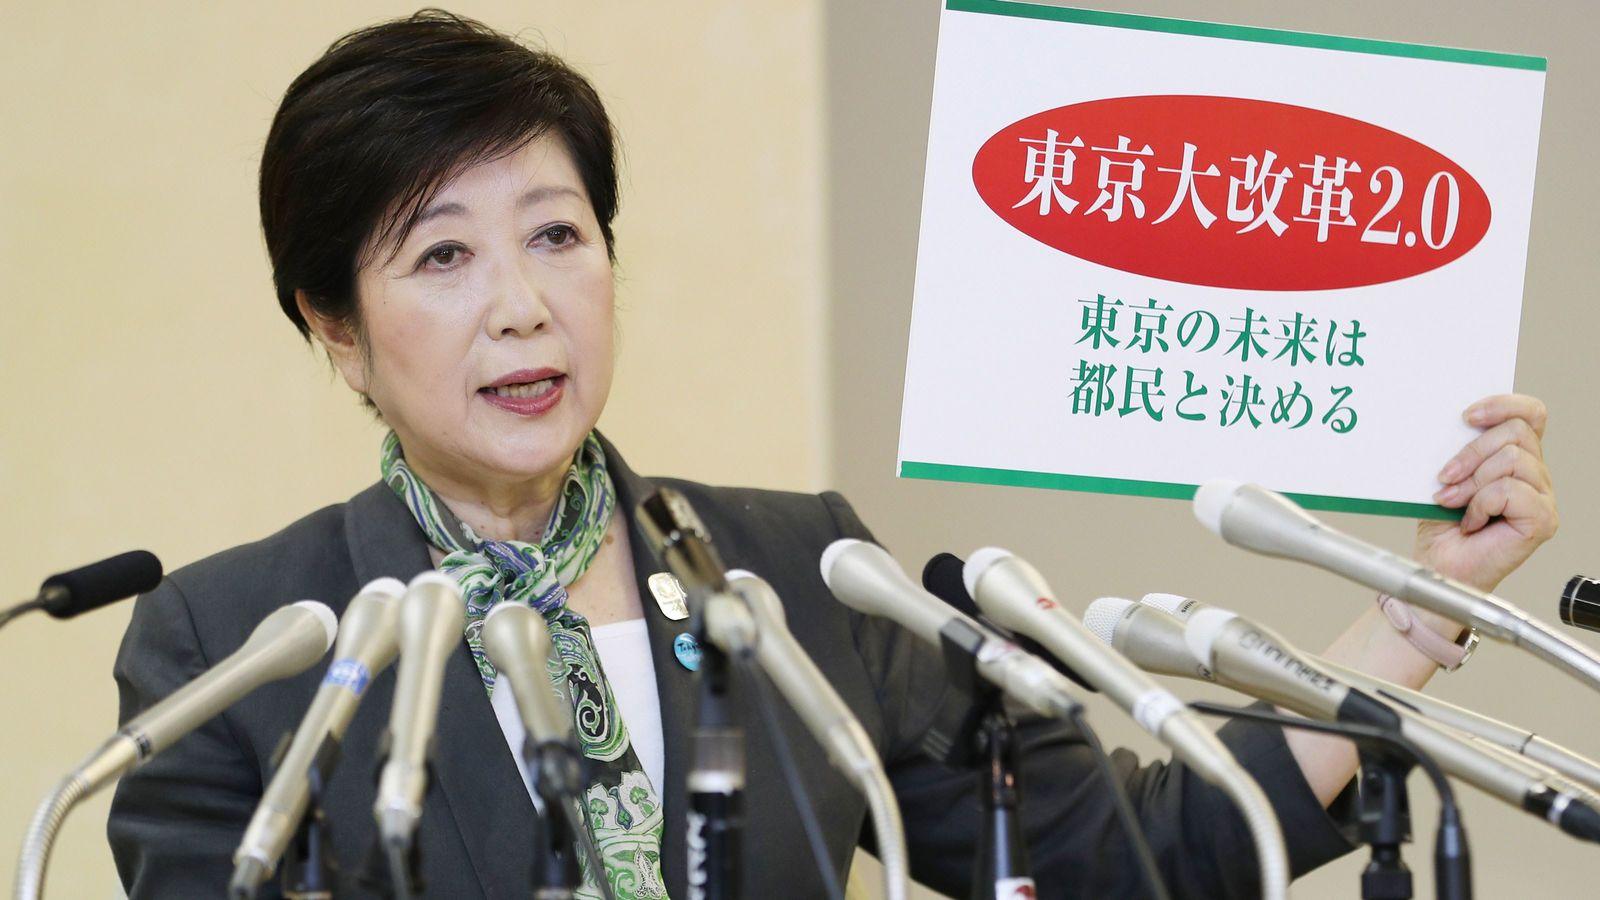 豊洲、パチンコの次はホストがターゲット…女帝小池百合子の新たな仮想敵国 東京大改革2.0でございます!